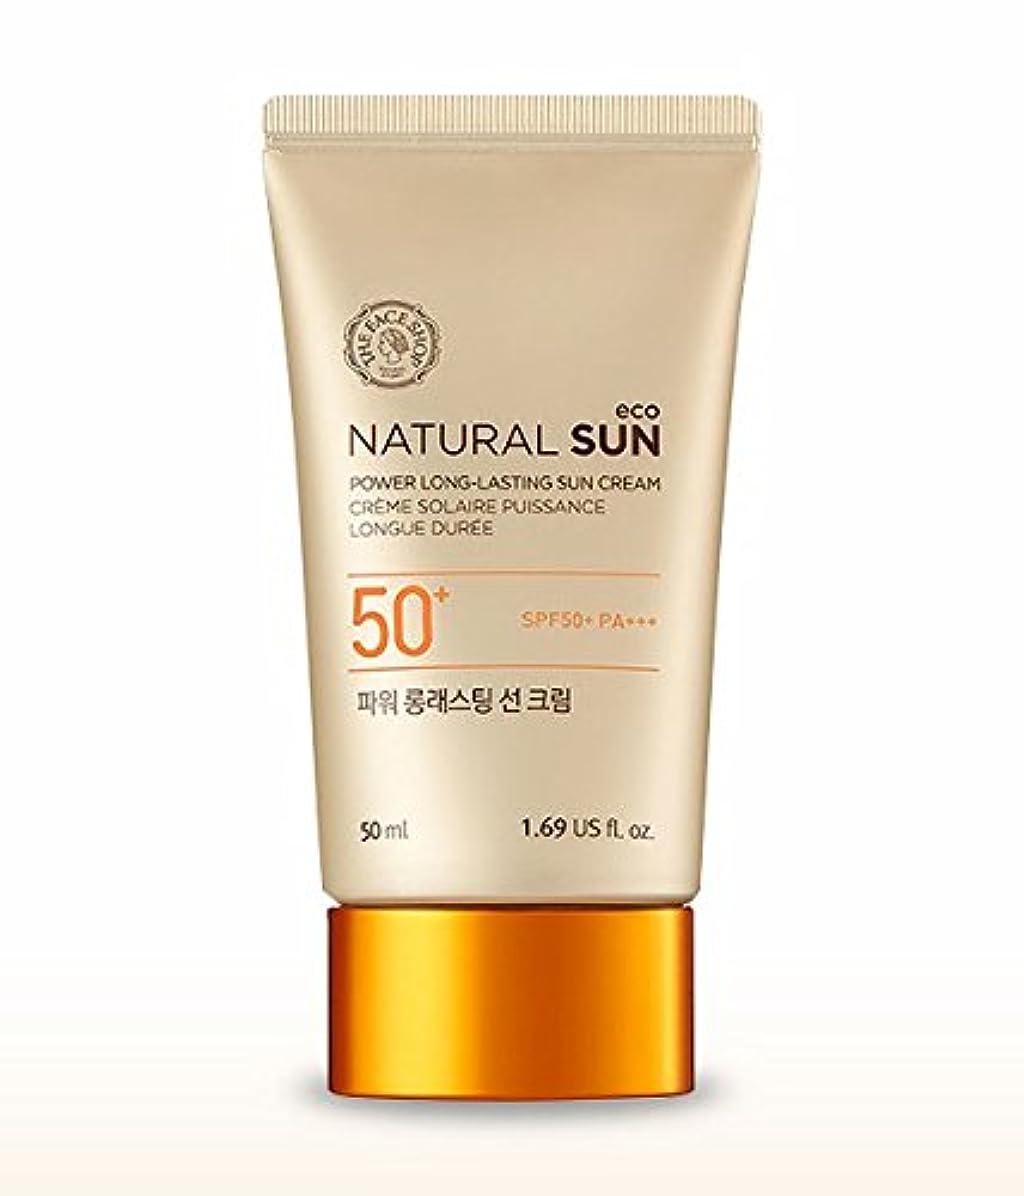 どういたしましてお金ステレオタイプTHE FACE SHOP Natural Sun Eco Power Long Lasting Sun Cream 50mlザフェイスショップ ナチュラルサンパワーロングラスティングサンクリーム [並行輸入品]